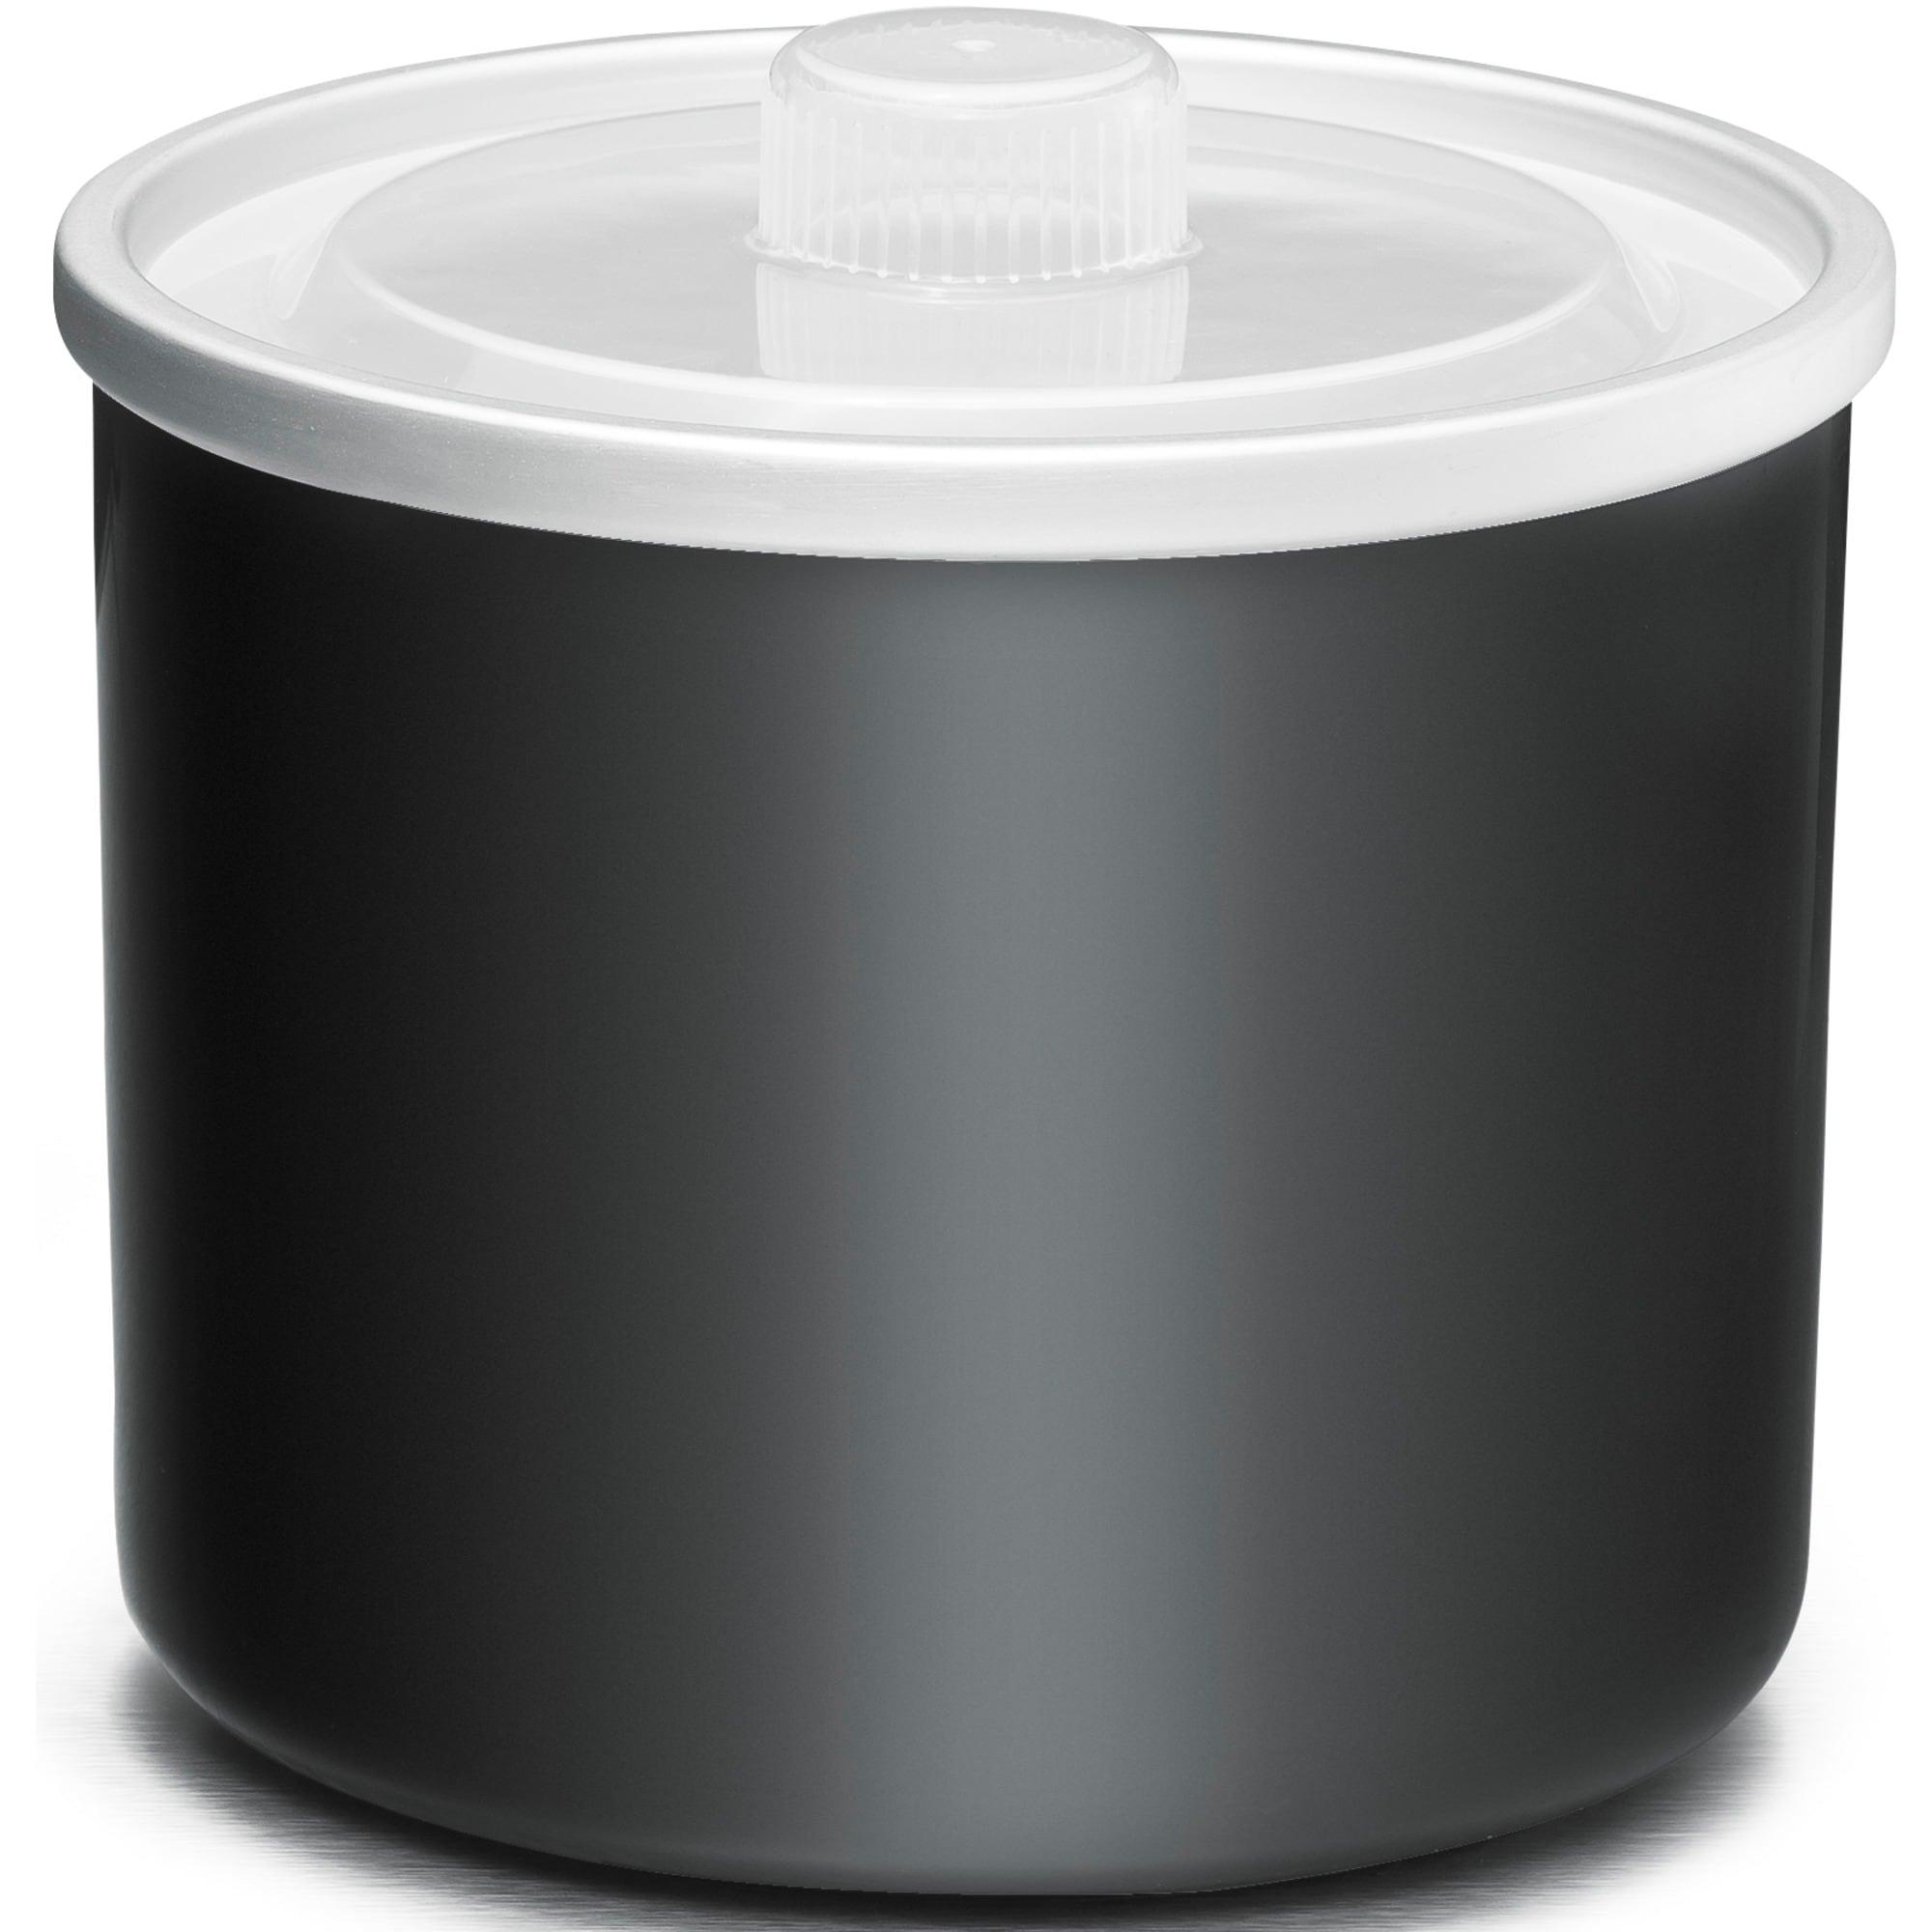 Rommelsbacher Behälter Gefrierbehälter IB 05 1,5L